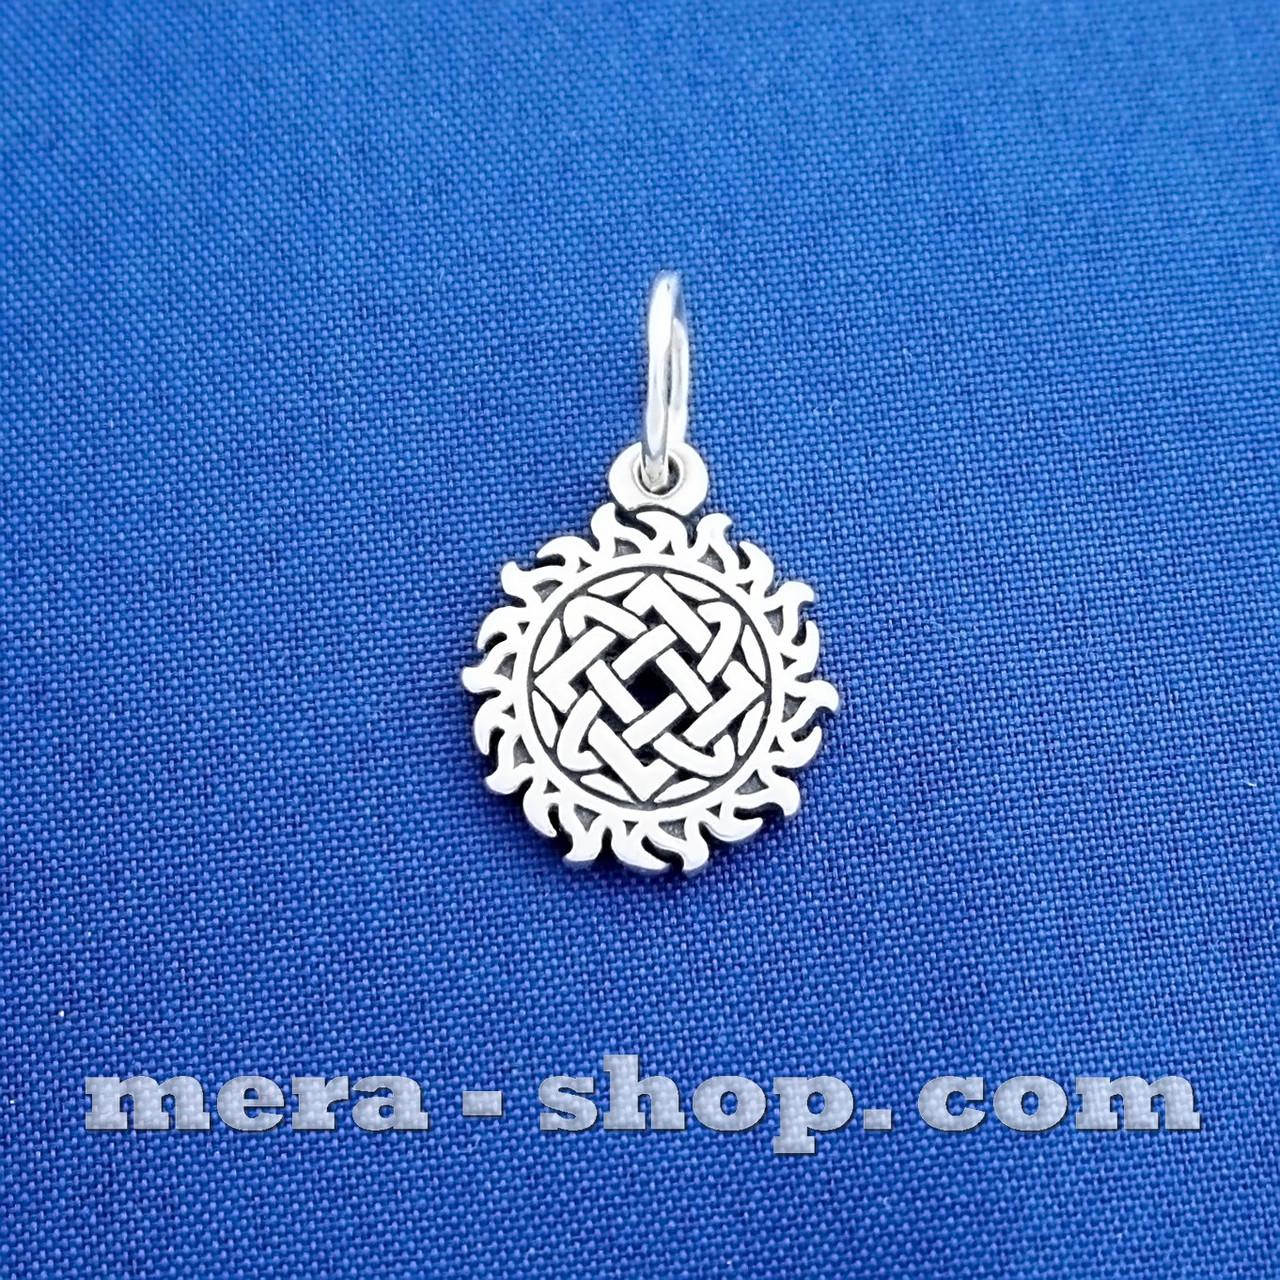 Звезда Лады в солнце серебряный славянский оберег, двусторонний кулон из серебра 925 пробы (13мм, 1.8г)